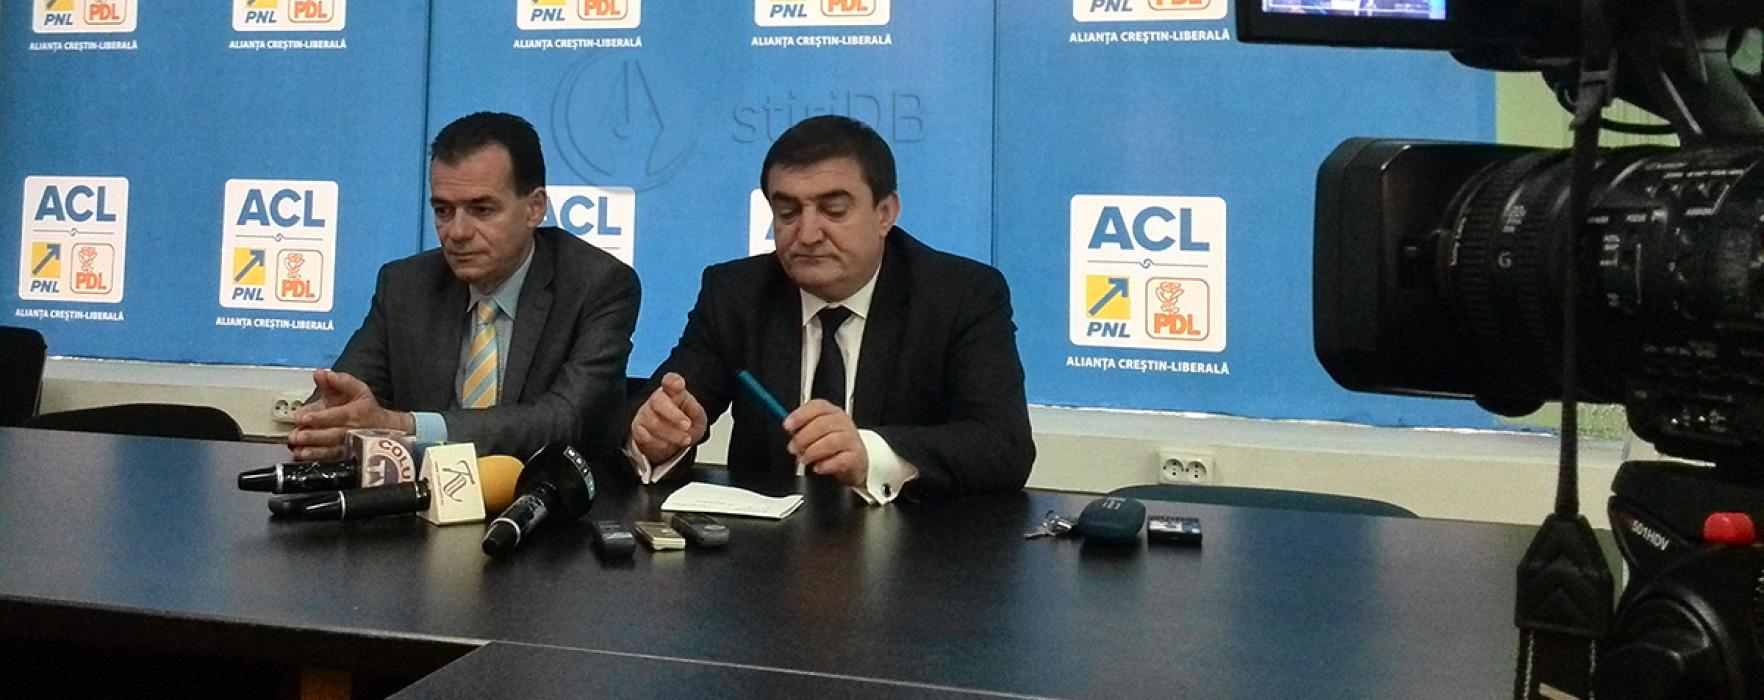 Dâmboviţa: Ponta – 52,6%, Iohannis – 23,74%, conform numărătorii paralele a ACL